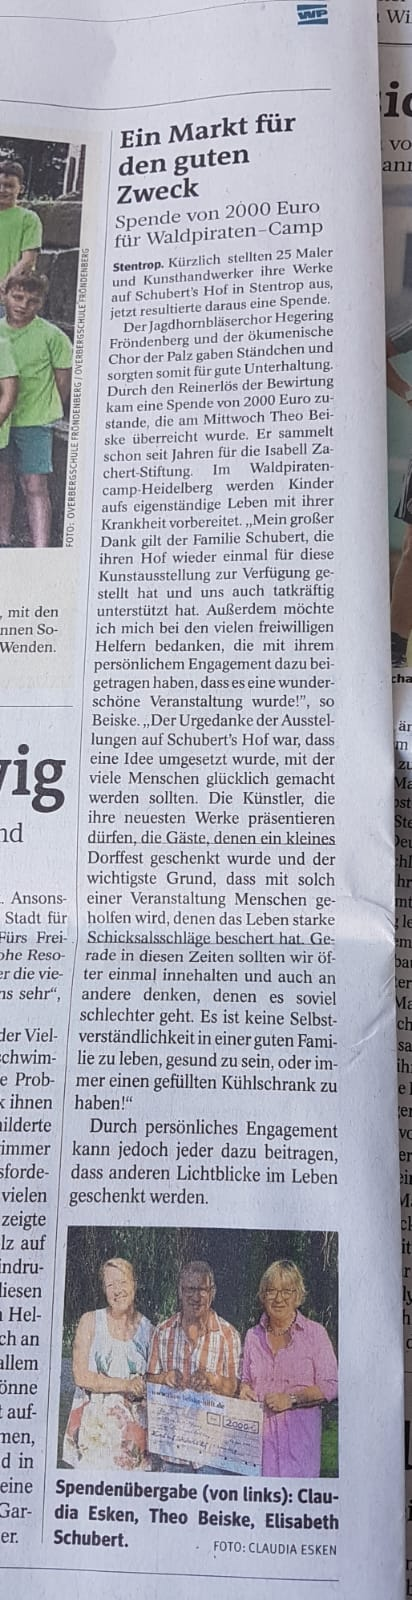 Artikel Schubert's Hof Stentrop